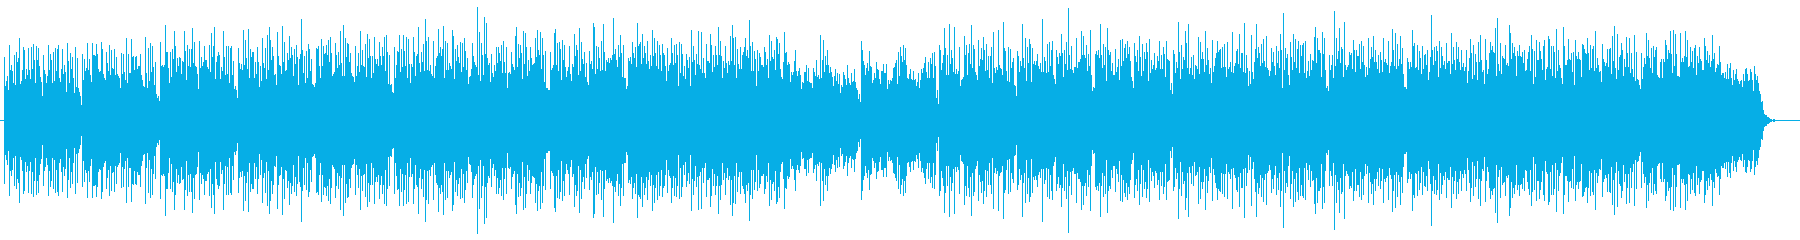 落ち着いたトーンのシンセサイザーの曲の再生済みの波形